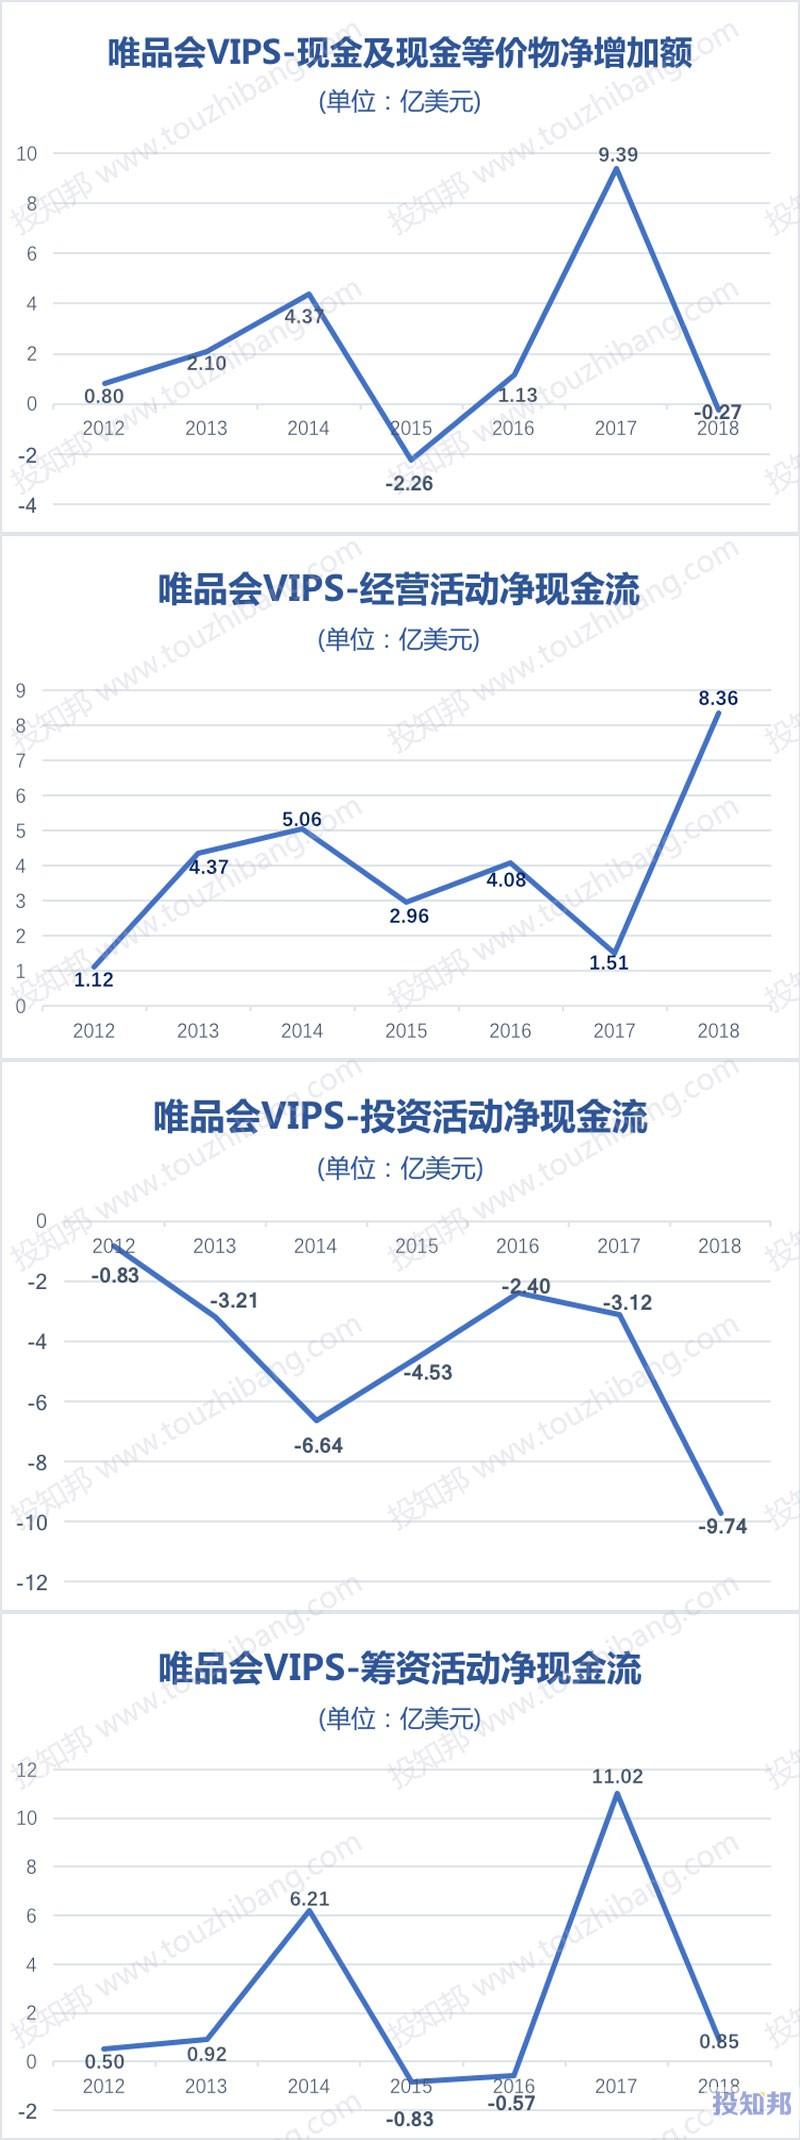 图解唯品会(VIPS)财报数据(以美元计,2012~2019年Q3)